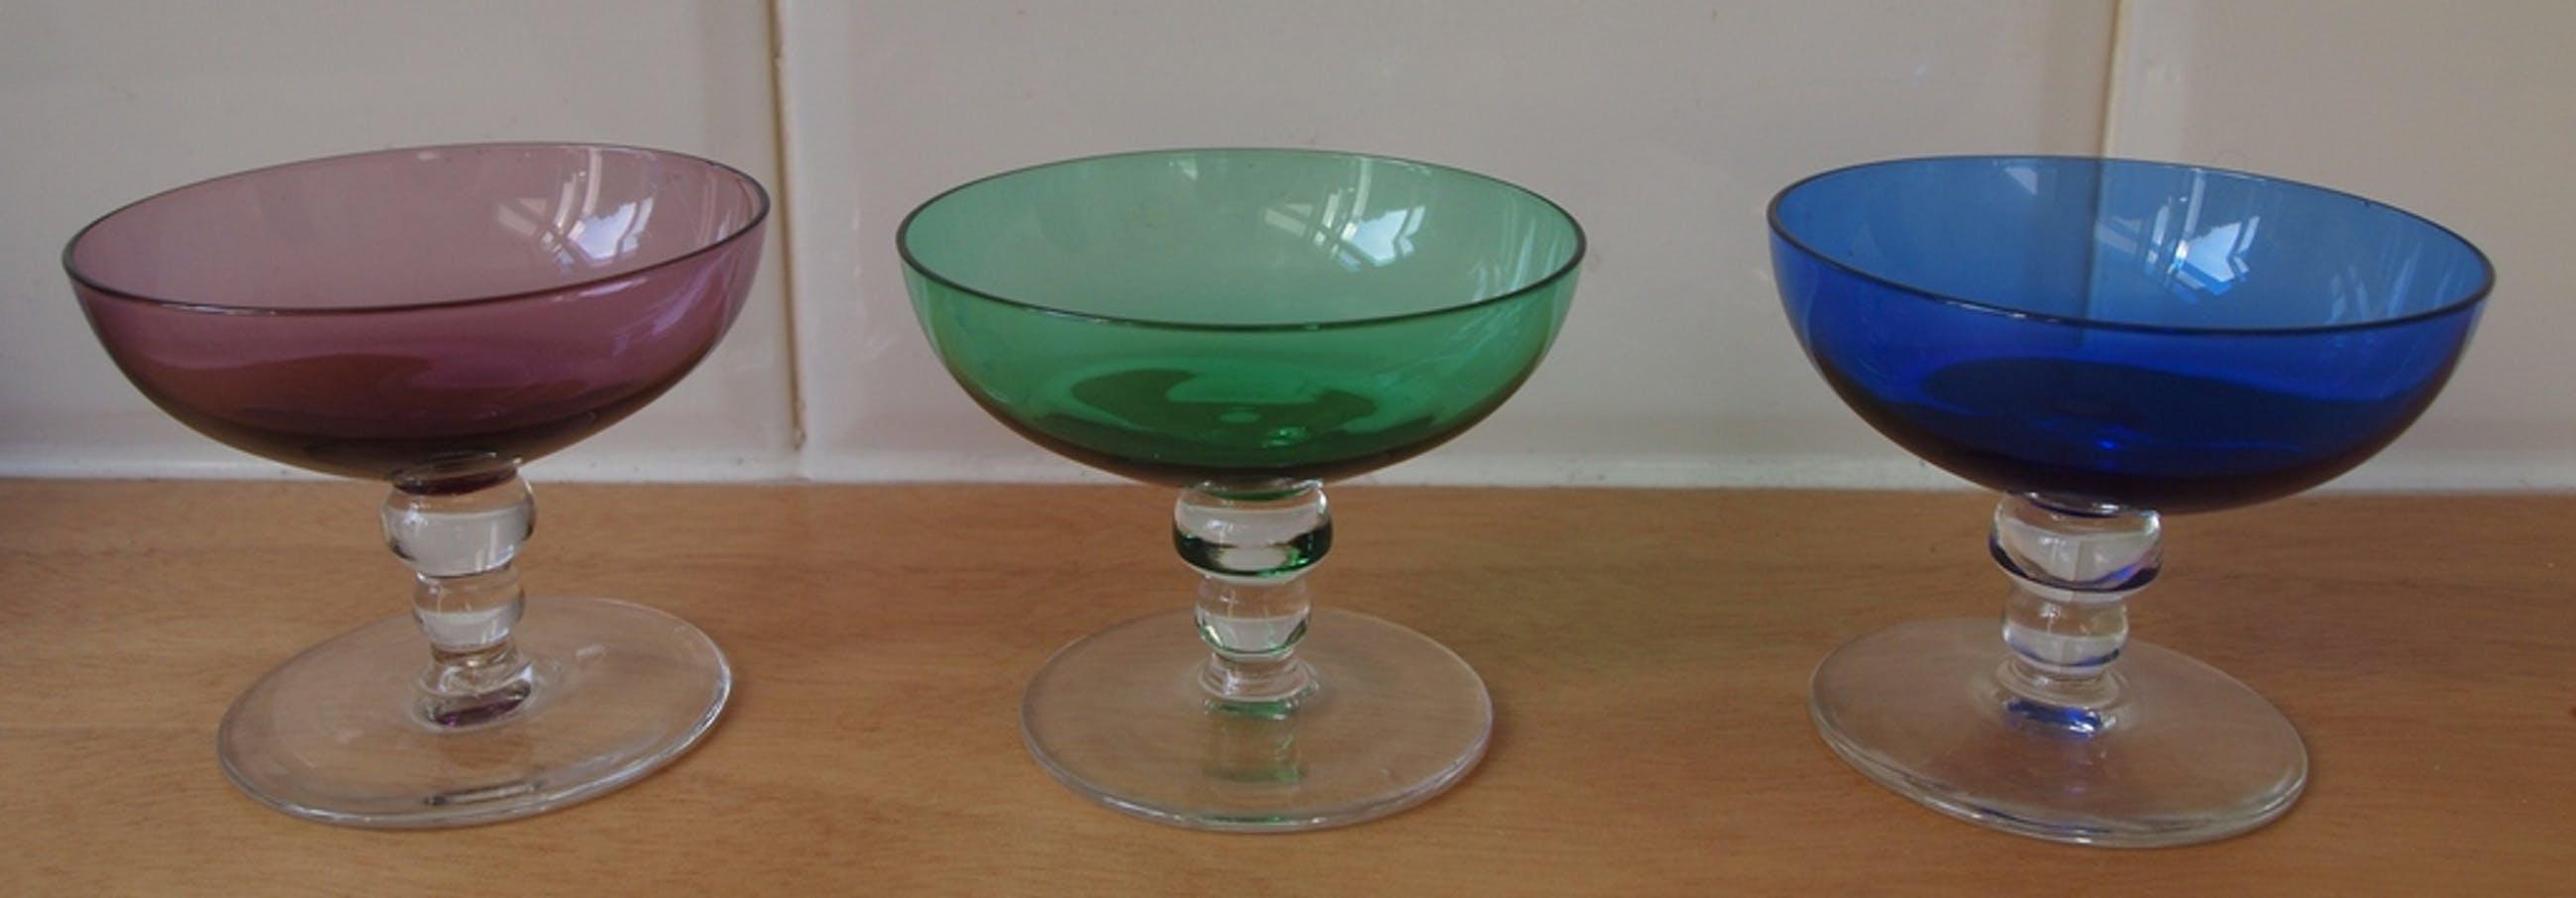 Kristalunie - lot Carnaval glas ontwerp Max Verboeket kopen? Bied vanaf 30!